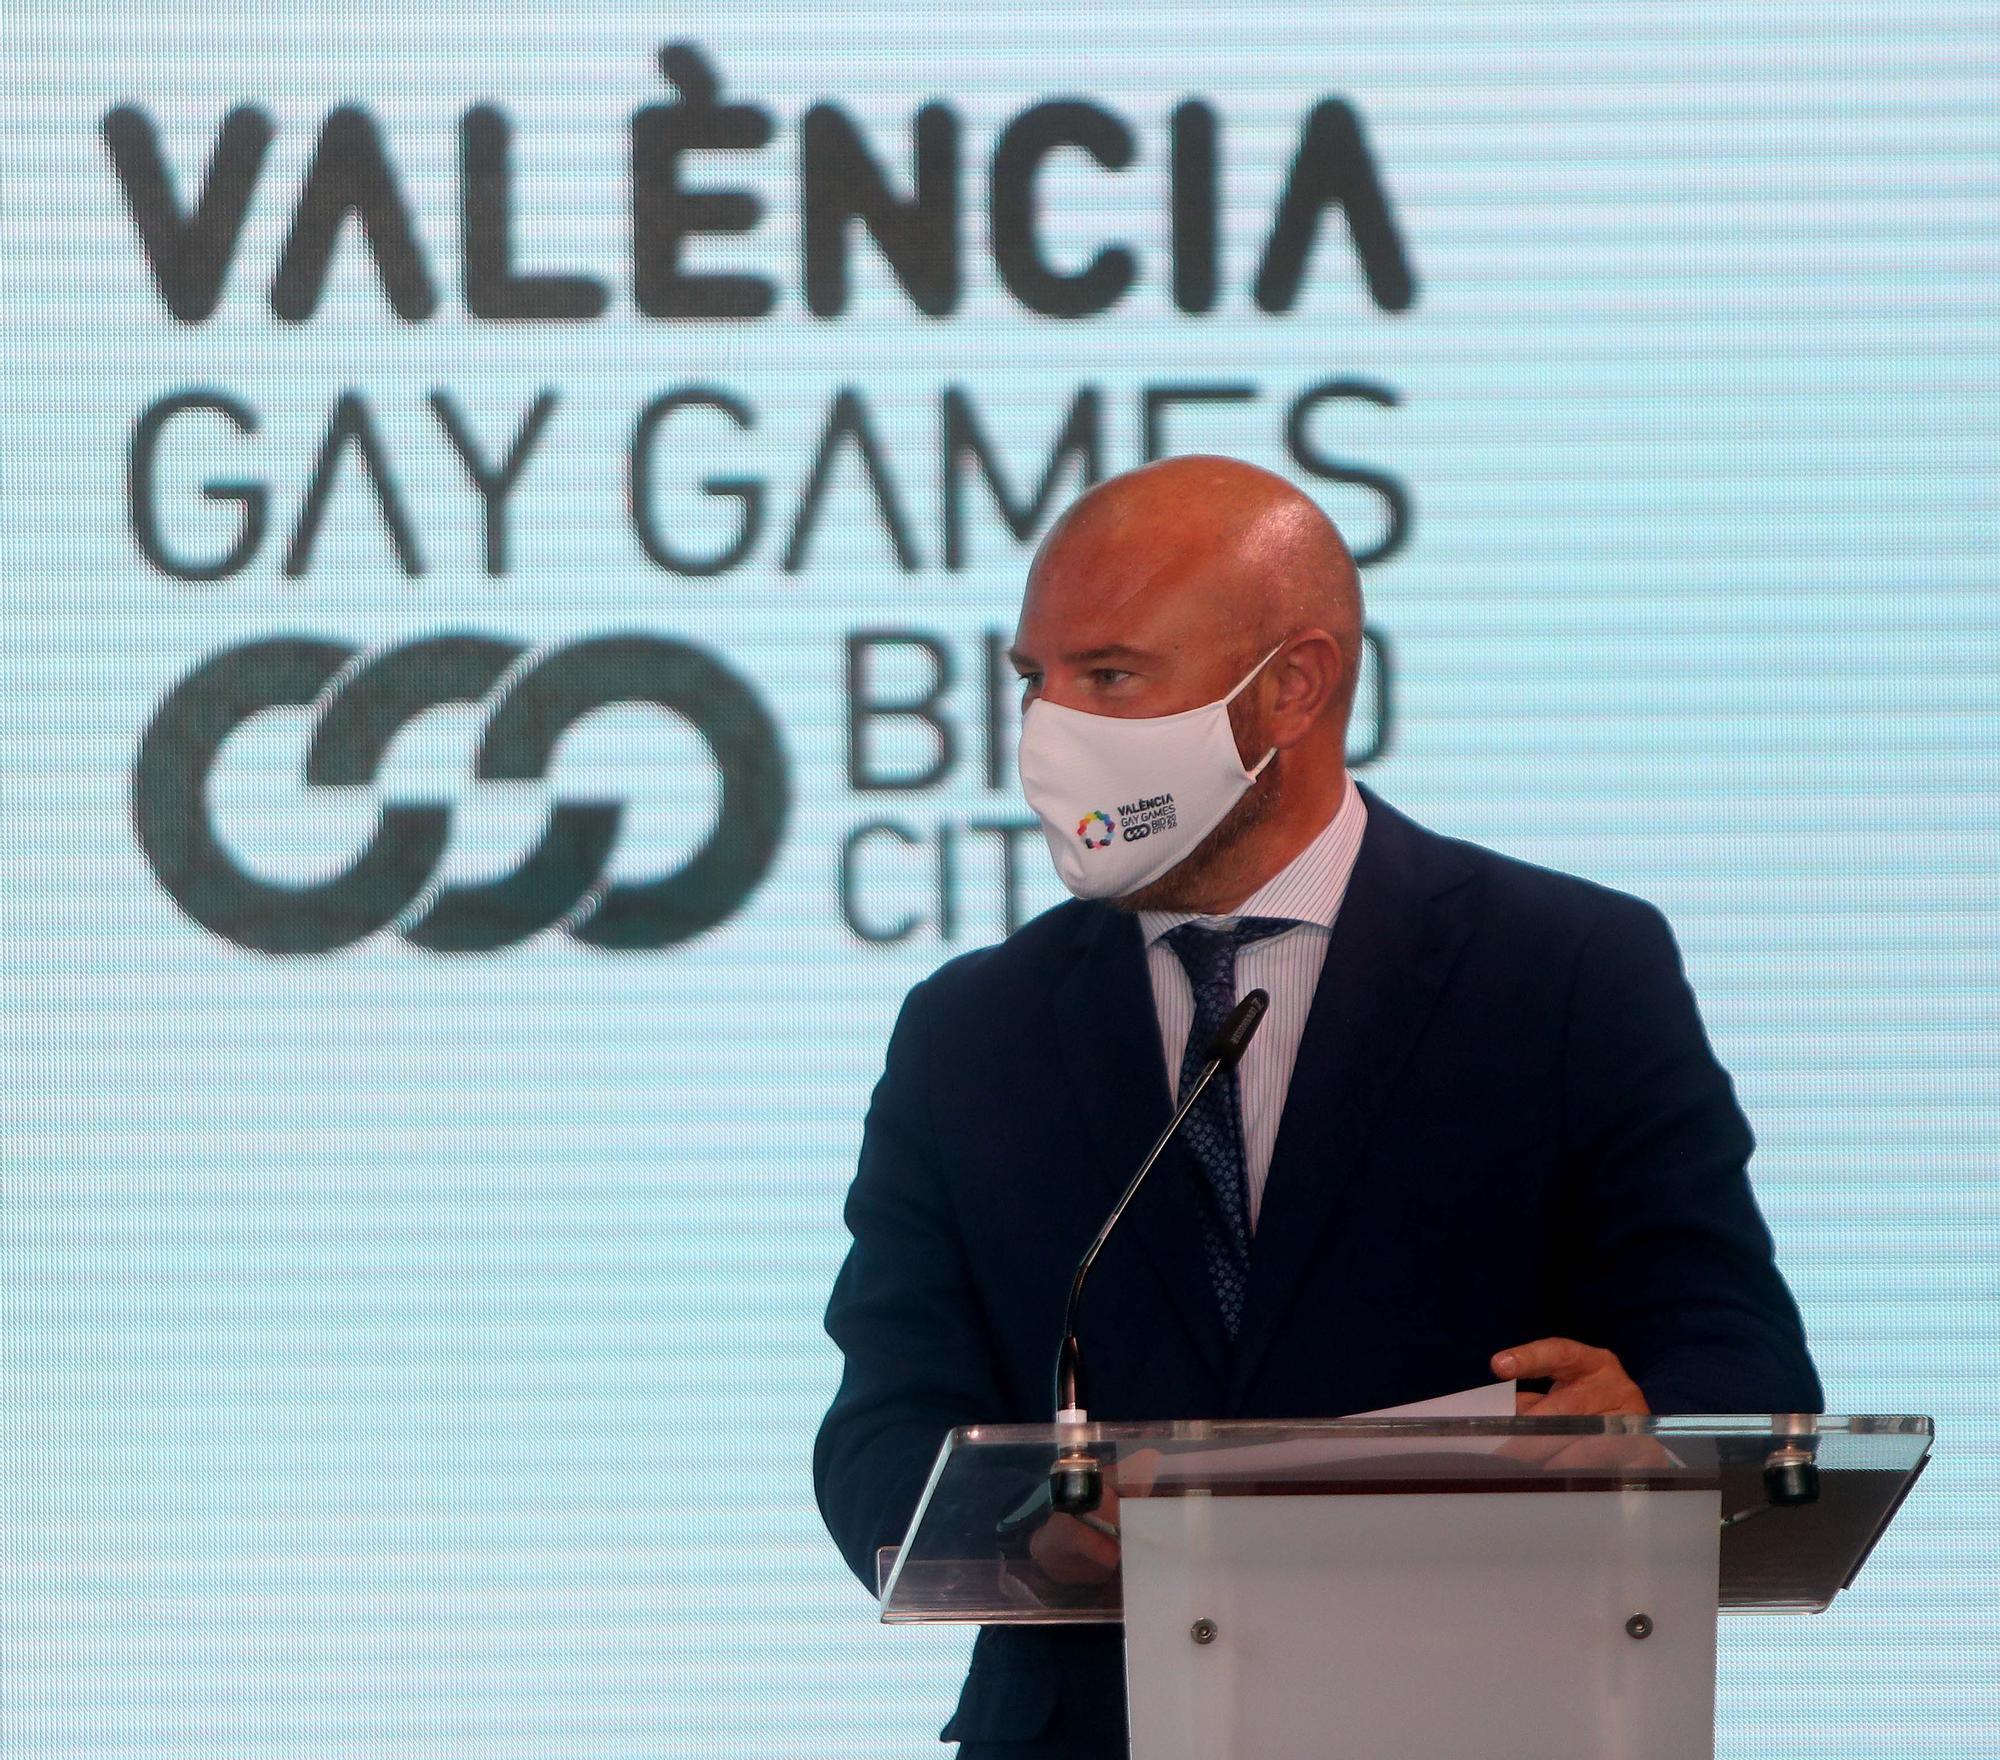 València presenta su candidatura a ser sede de los Gay Games en 2026